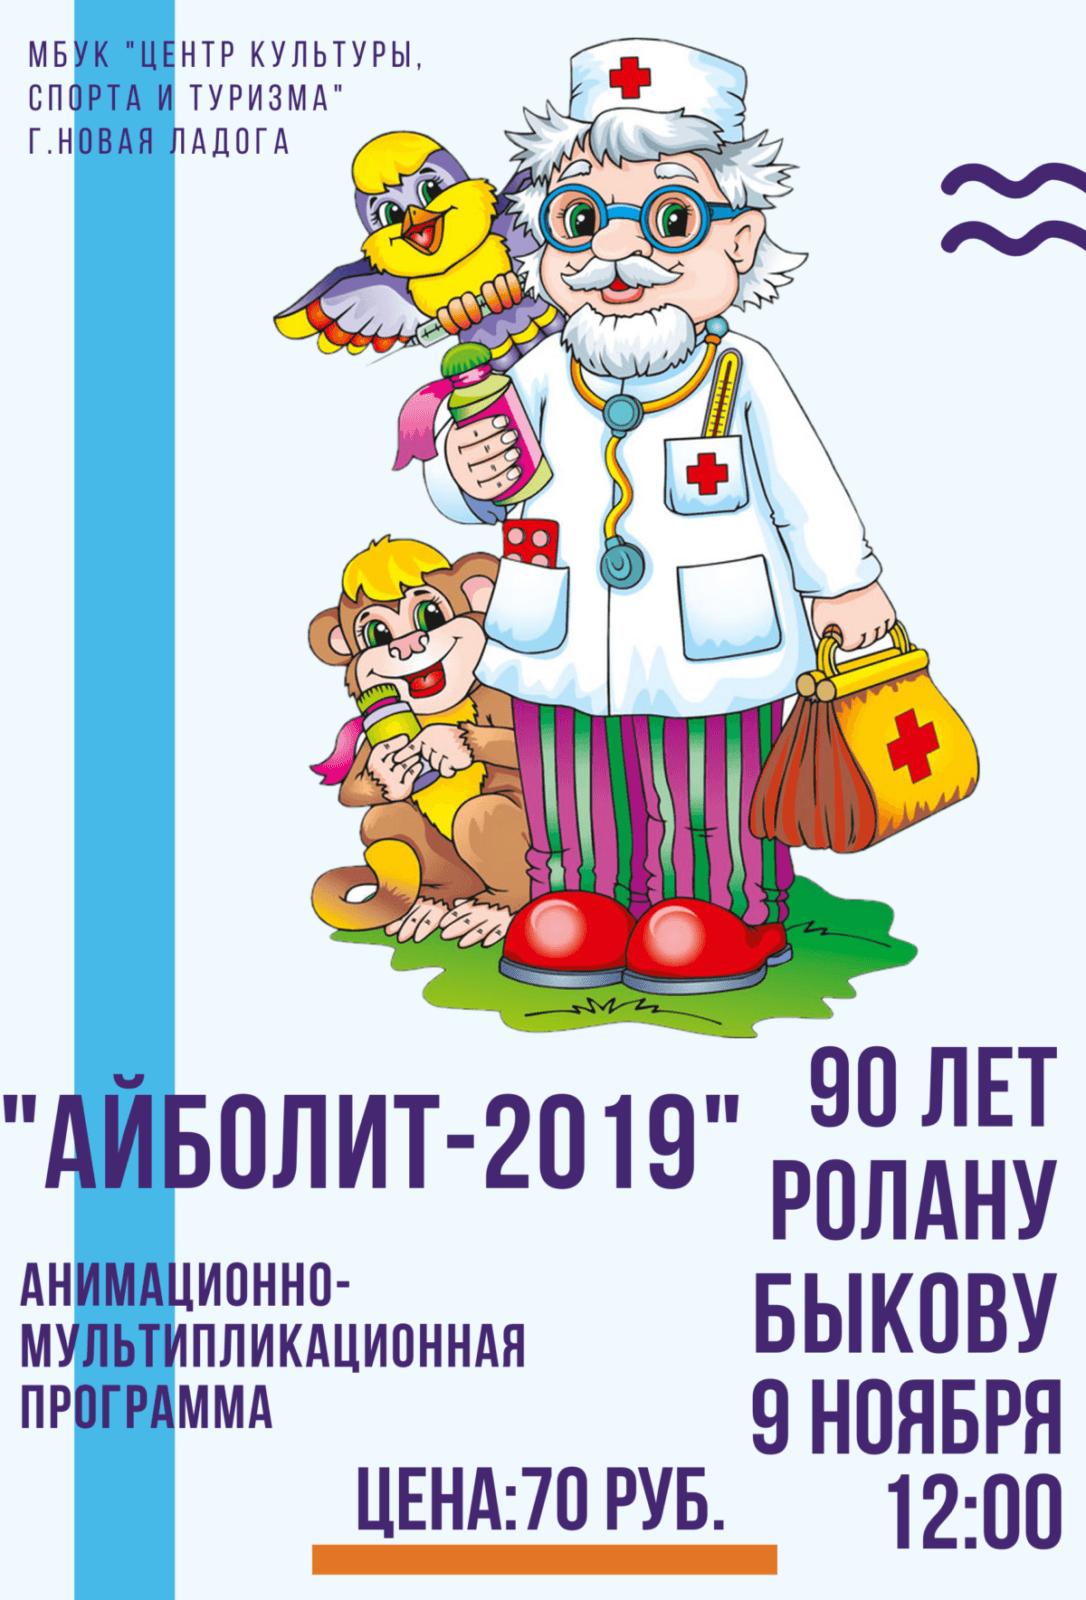 """Анимационно-мультипликационная программа """"Айболит-2019"""""""